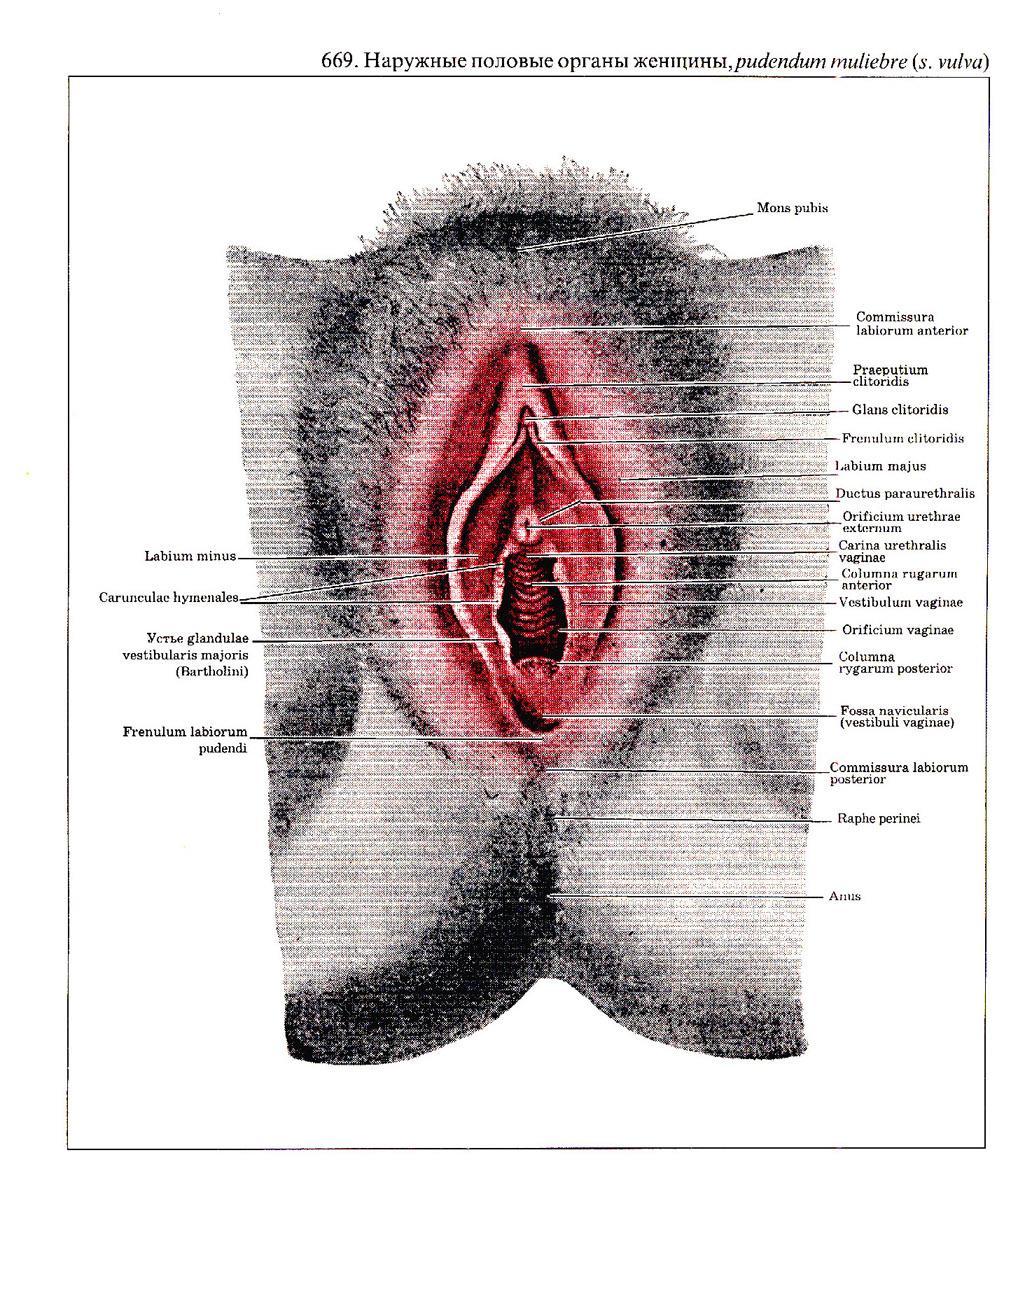 Признаки определяющие глубину влагалища у женщин 17 фотография